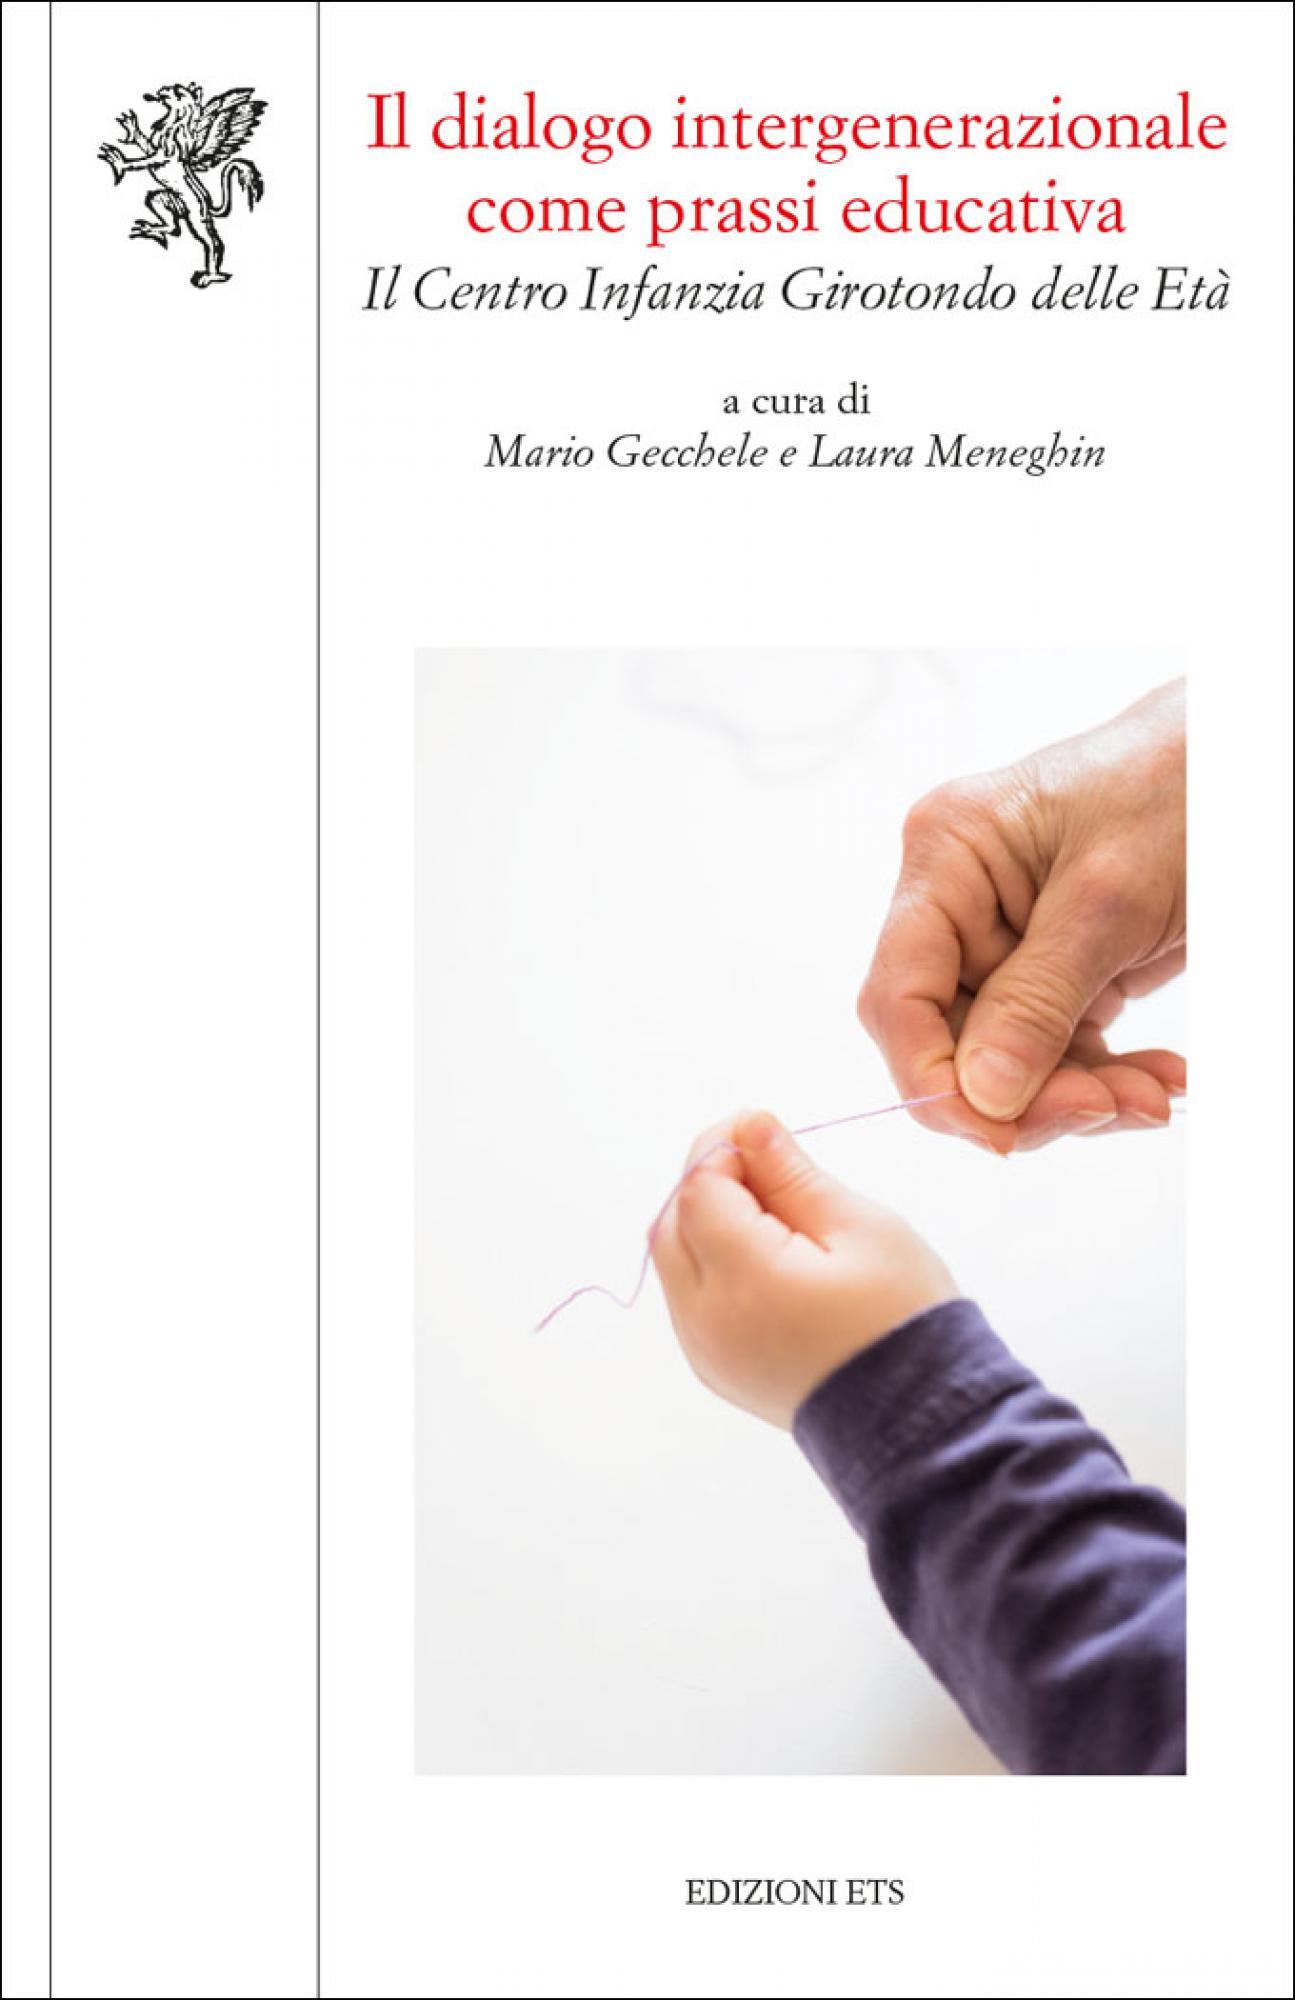 Il dialogo intergenerazionale come prassi educativa.Il Centro Infanzia Girotondo delle Età